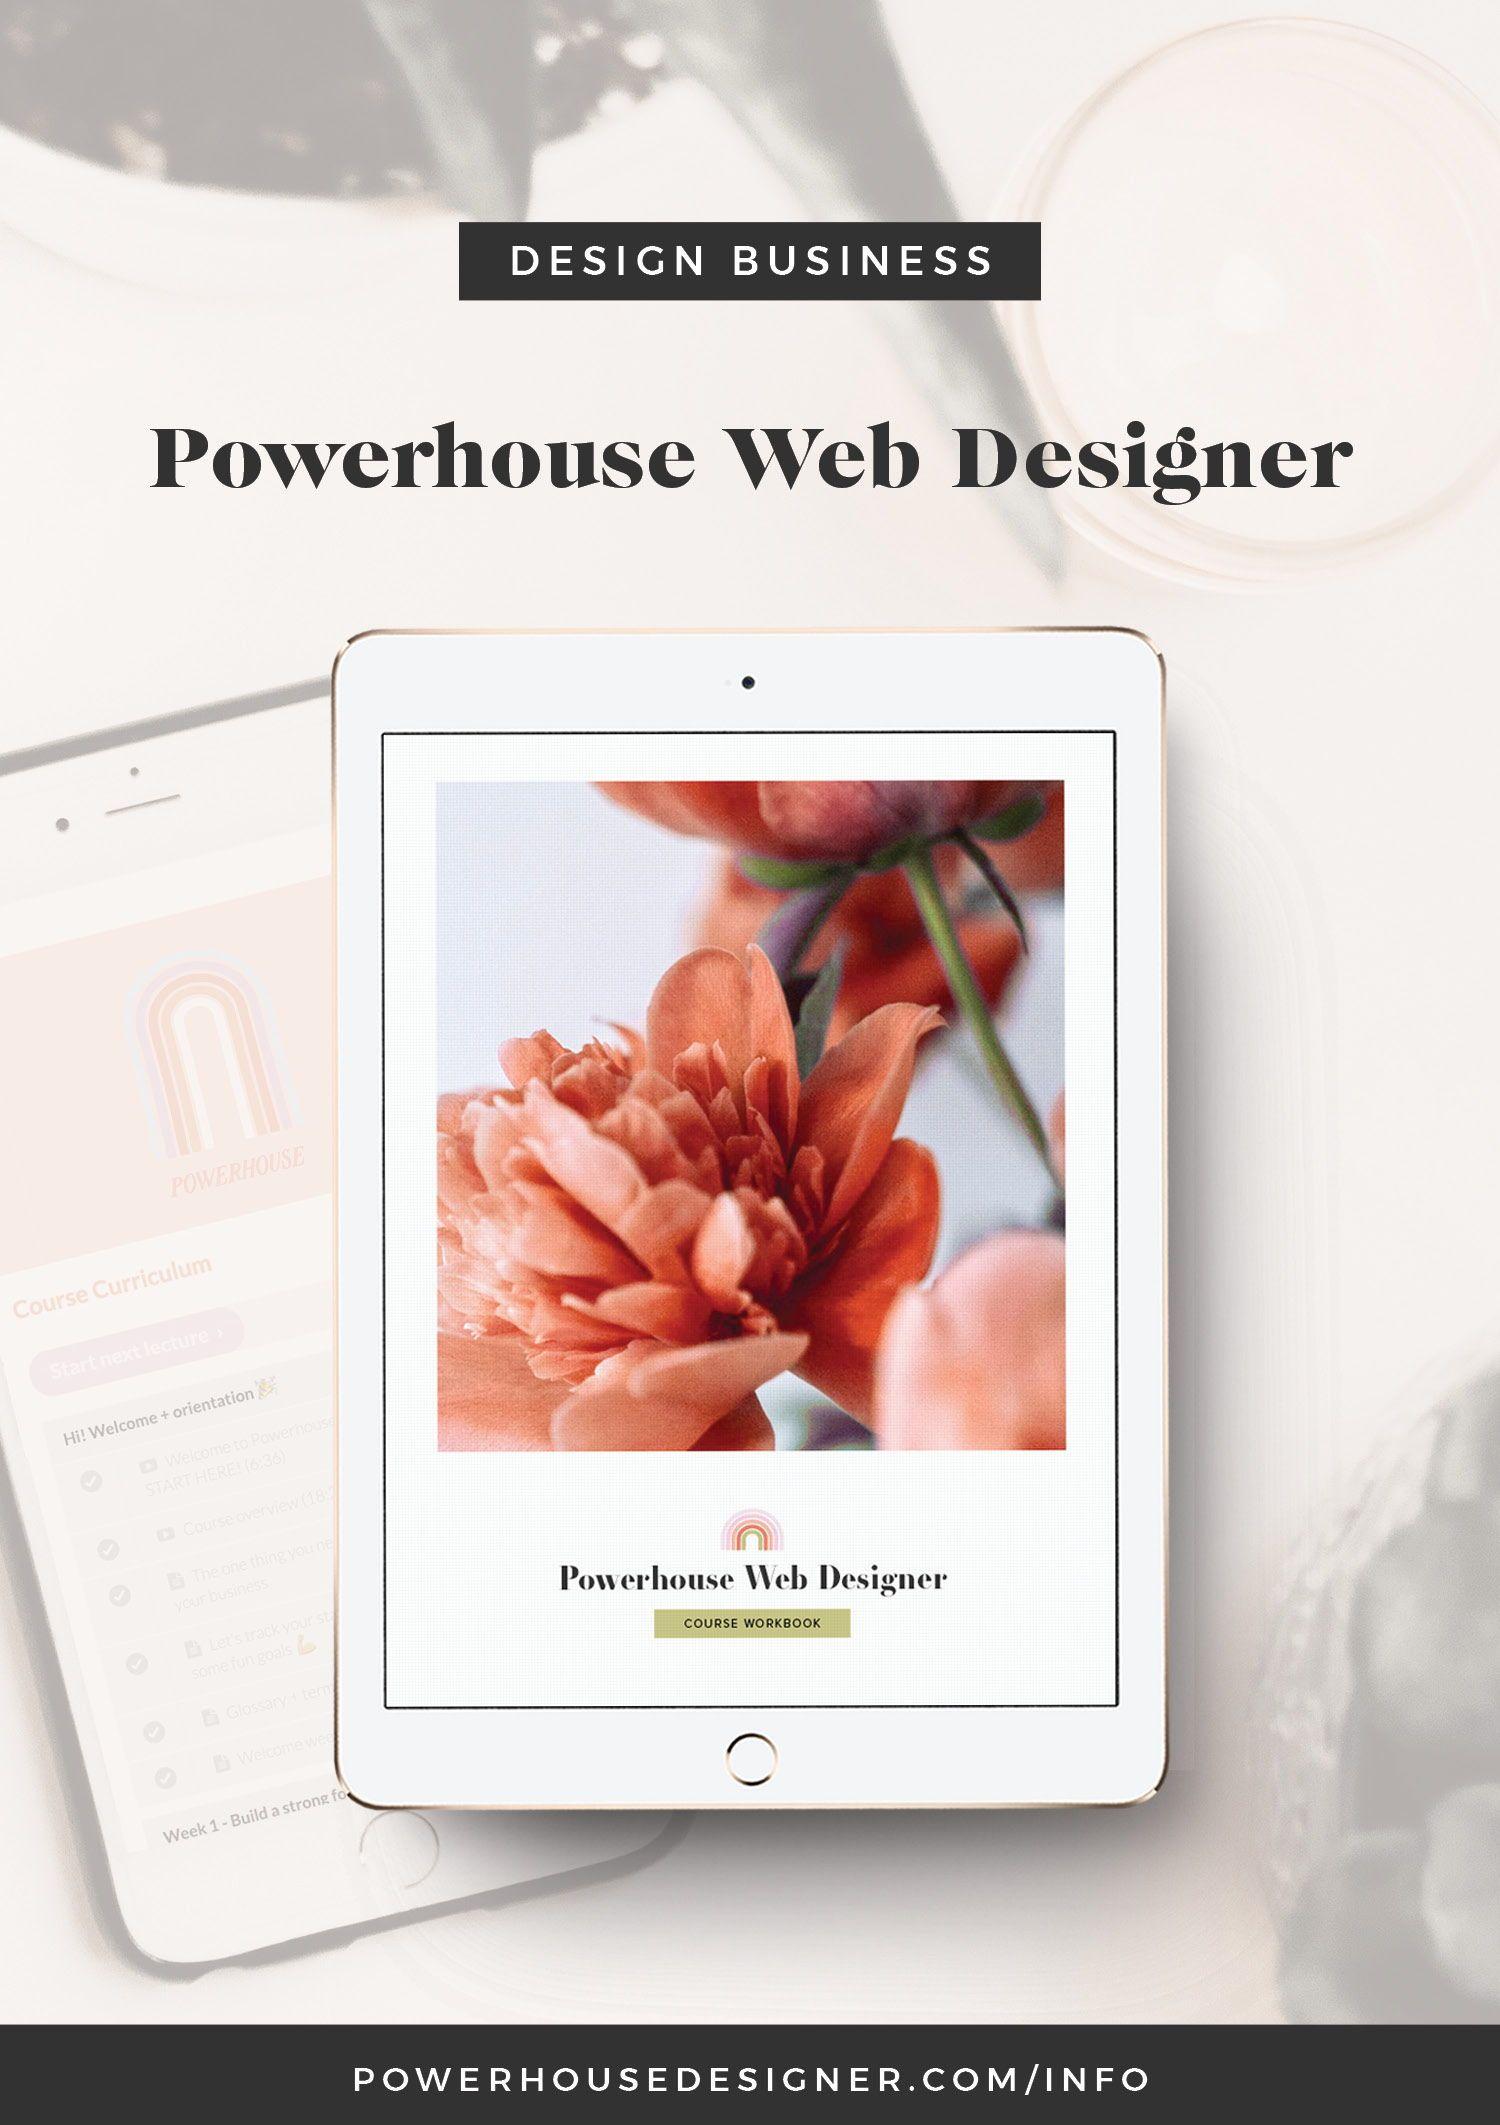 Powerhouse Web Design Course Web Designer Business Website Design Freelance Web Design Web Design Business In 2020 Web Design Course Web Design Business Design